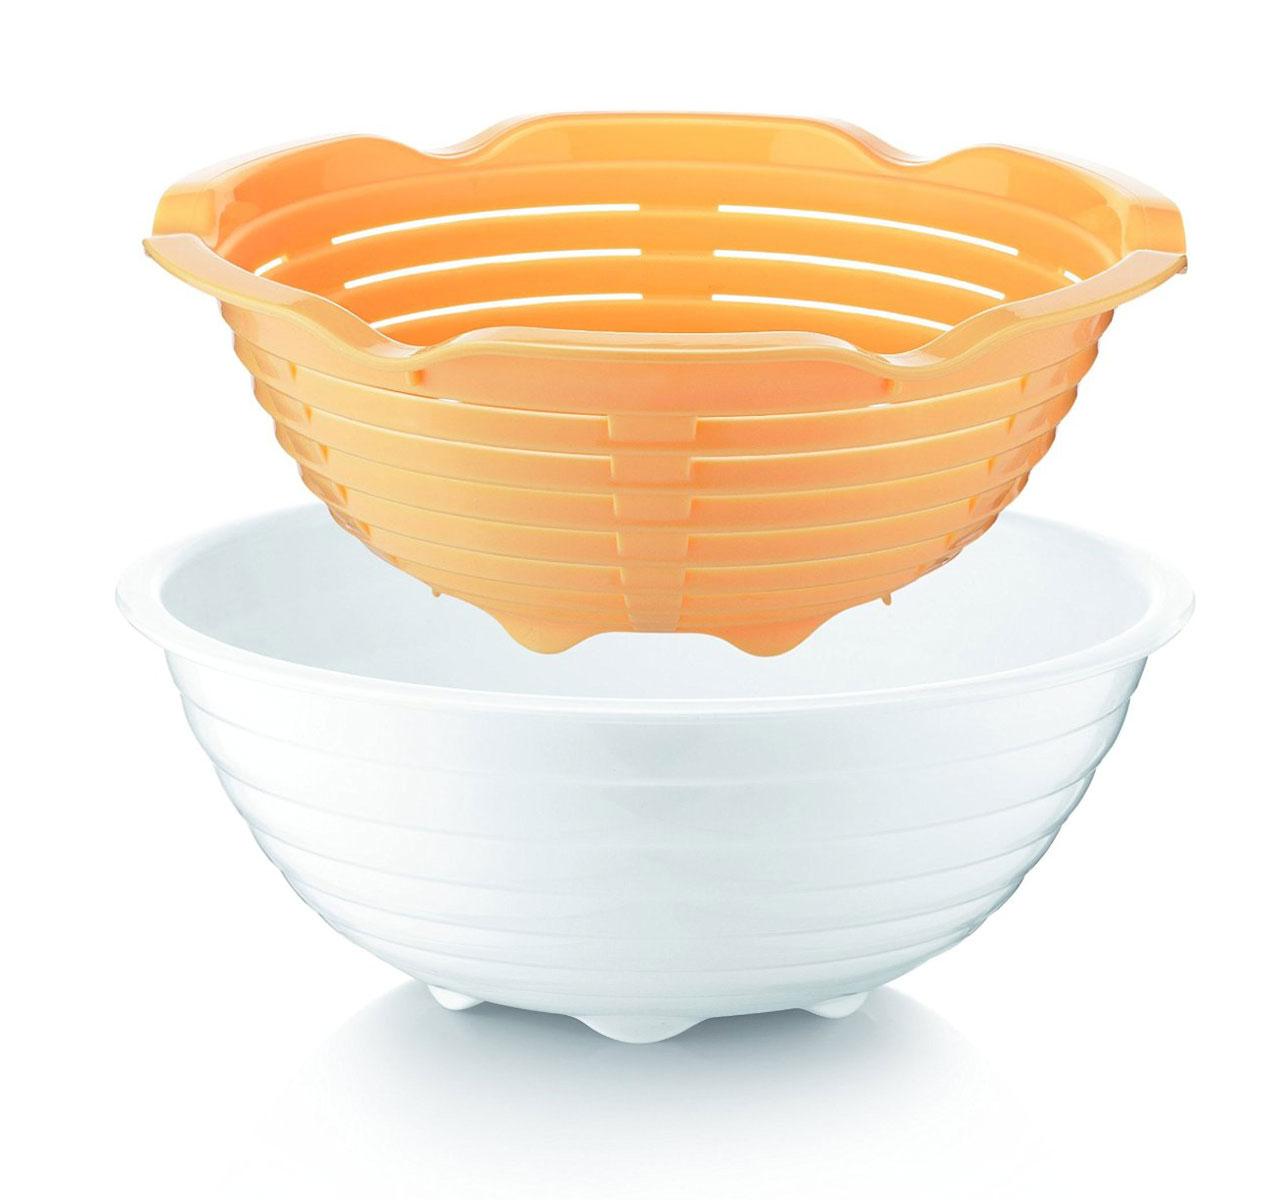 Корзинка с блюдом для домашнего хлеба Tescoma DELLA CASA. 643160643160Отлично подходит для приготовления домашнего хлеба. Перфорированная формочка в виде корзинки придает нужную форму буханке хлеба, и тесто поднимается быстрее. Формочка изготовлена из высокостойкого пластика. Пригодна для мытья в посудомоечной машине. Инструкция с рецептами внутри.